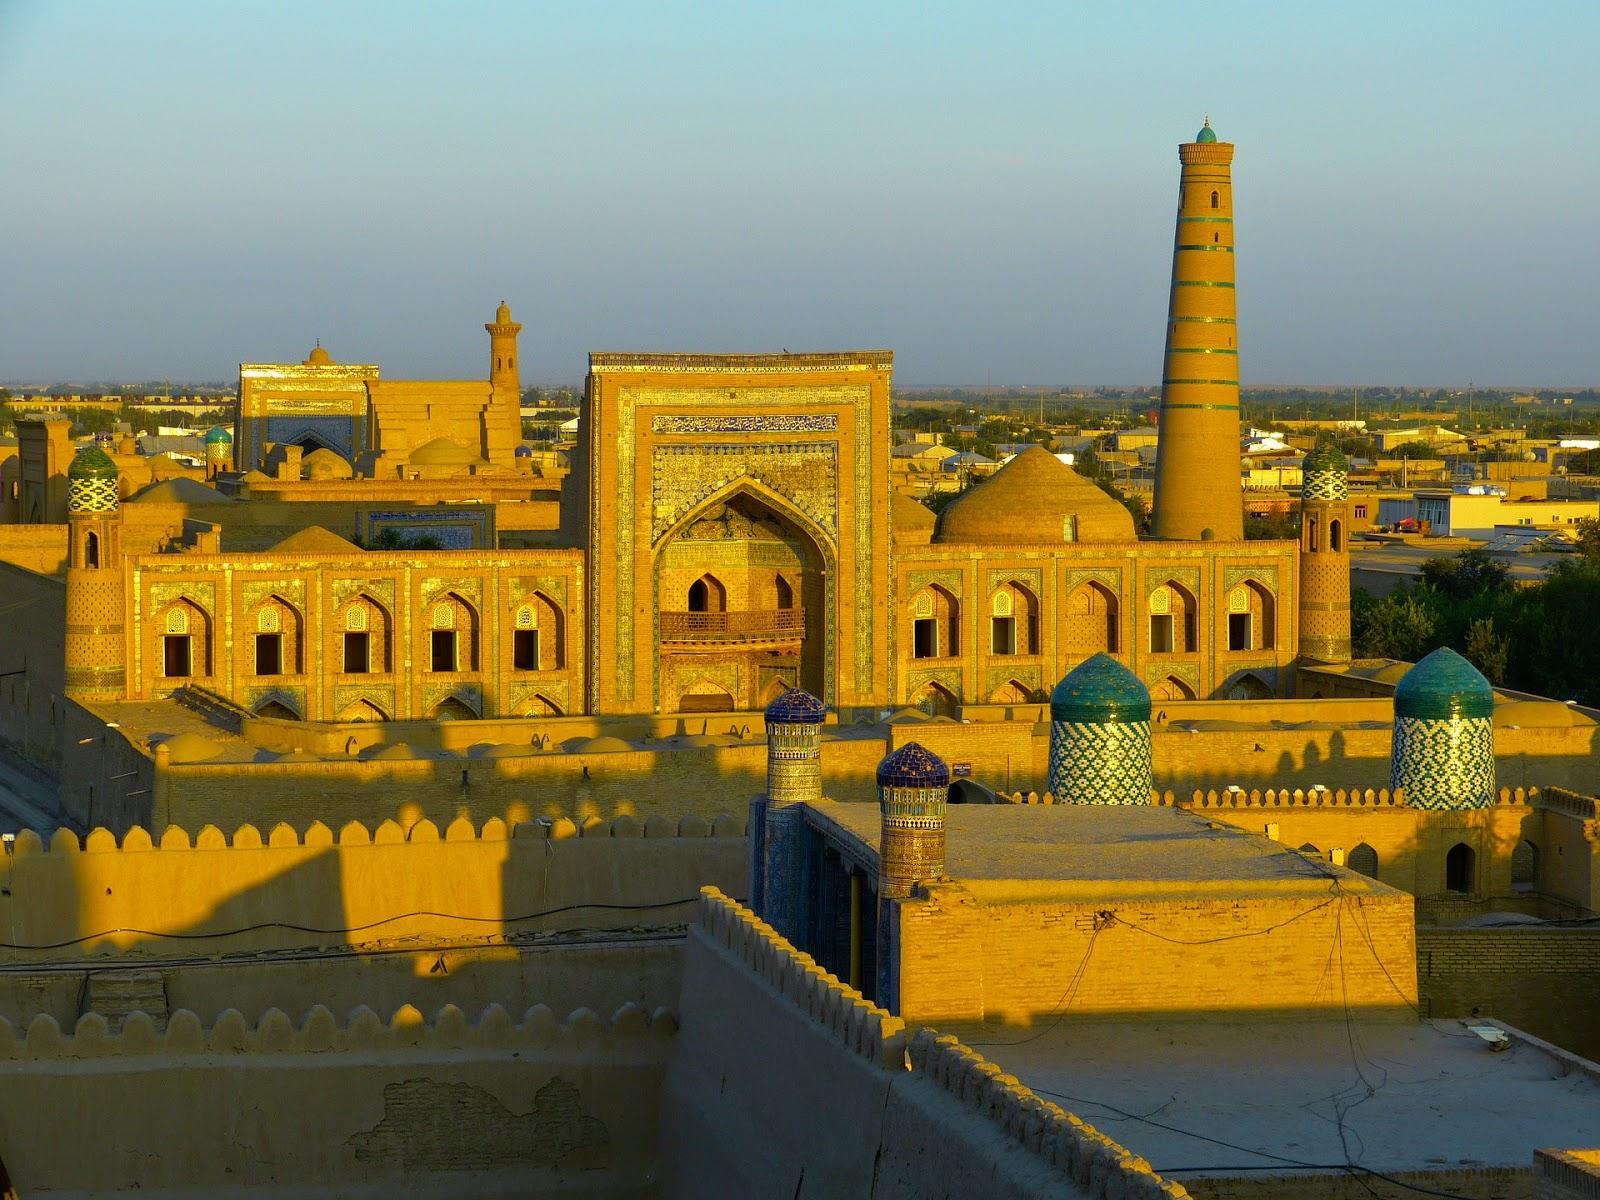 Le Chameau Bleu - OUzbékistan- Asie Centrale